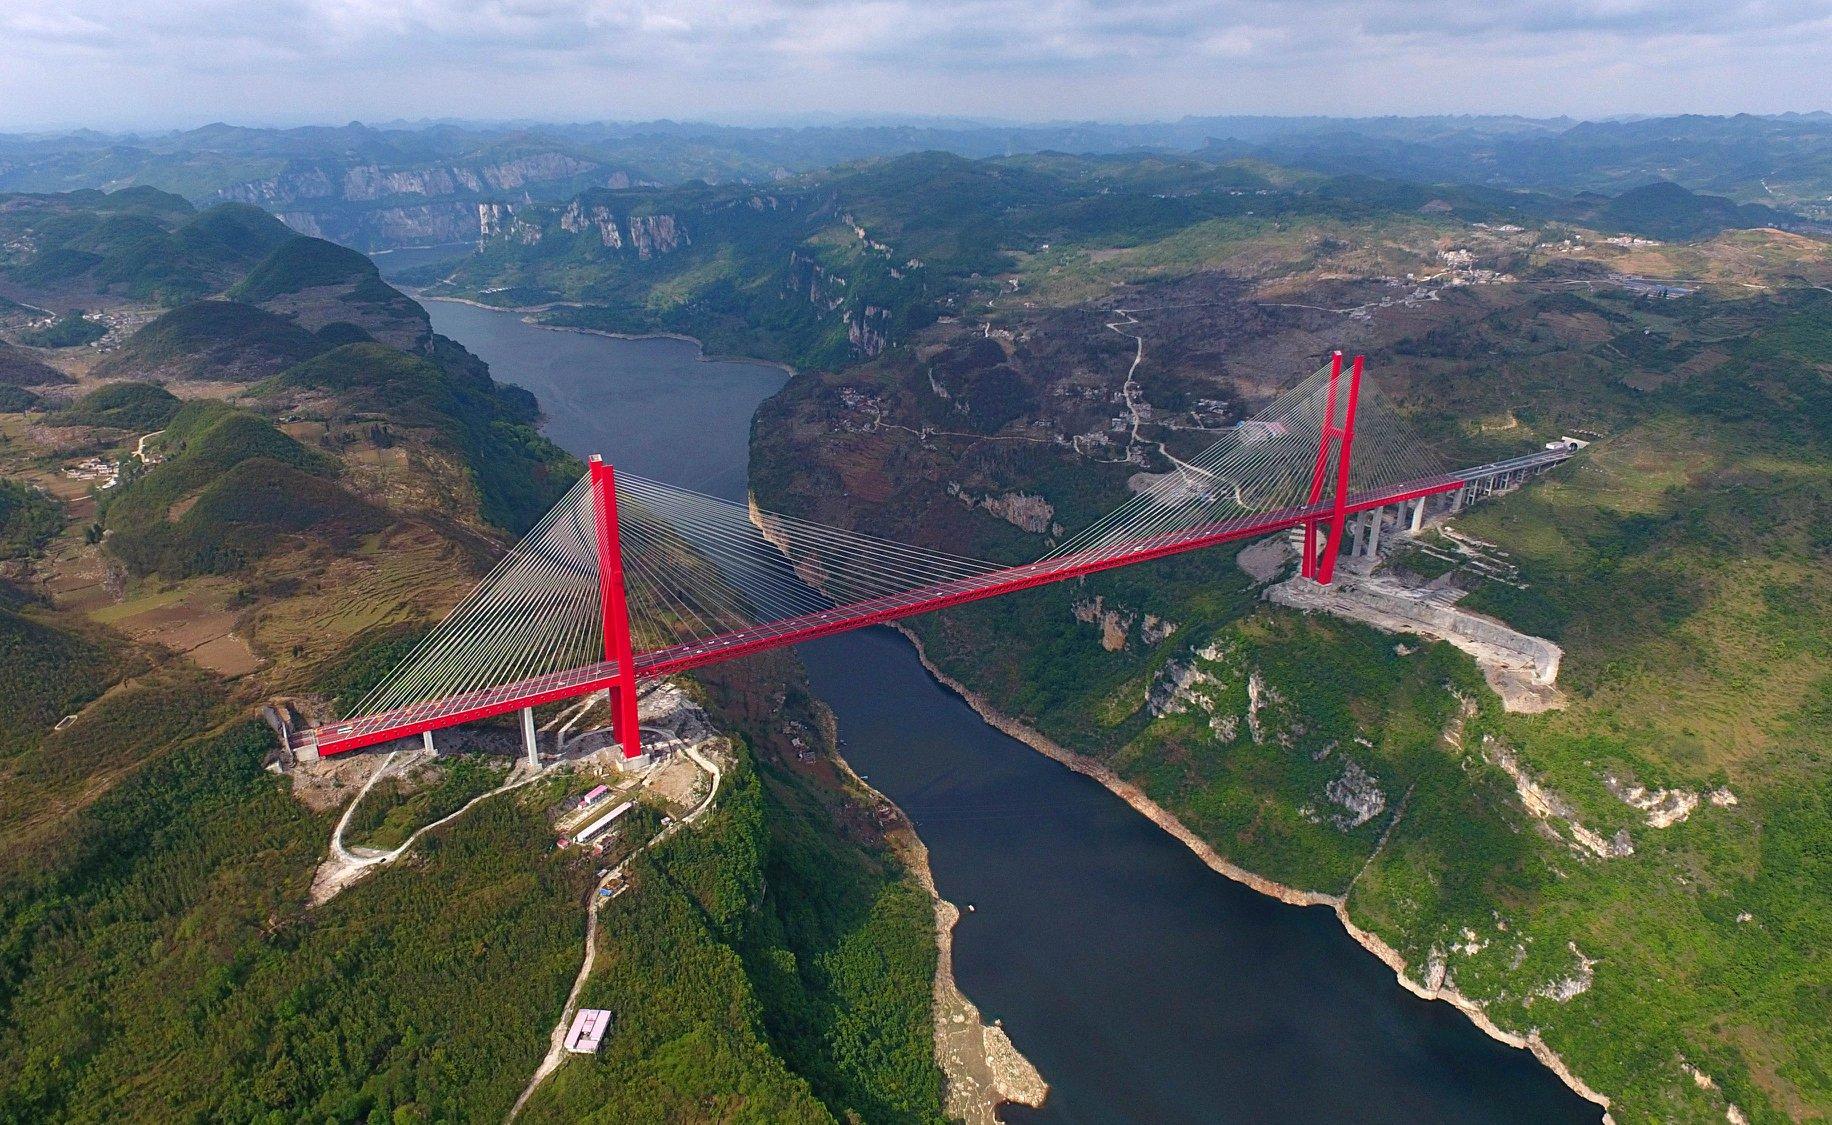 Este es el #PuenteYachihe de la carretera Guiyang-Qianxi, en la provincia de Guizhou, en el suroeste de China. #HitosDeLaIngeniería https://t.co/PL4aT6a8Ms